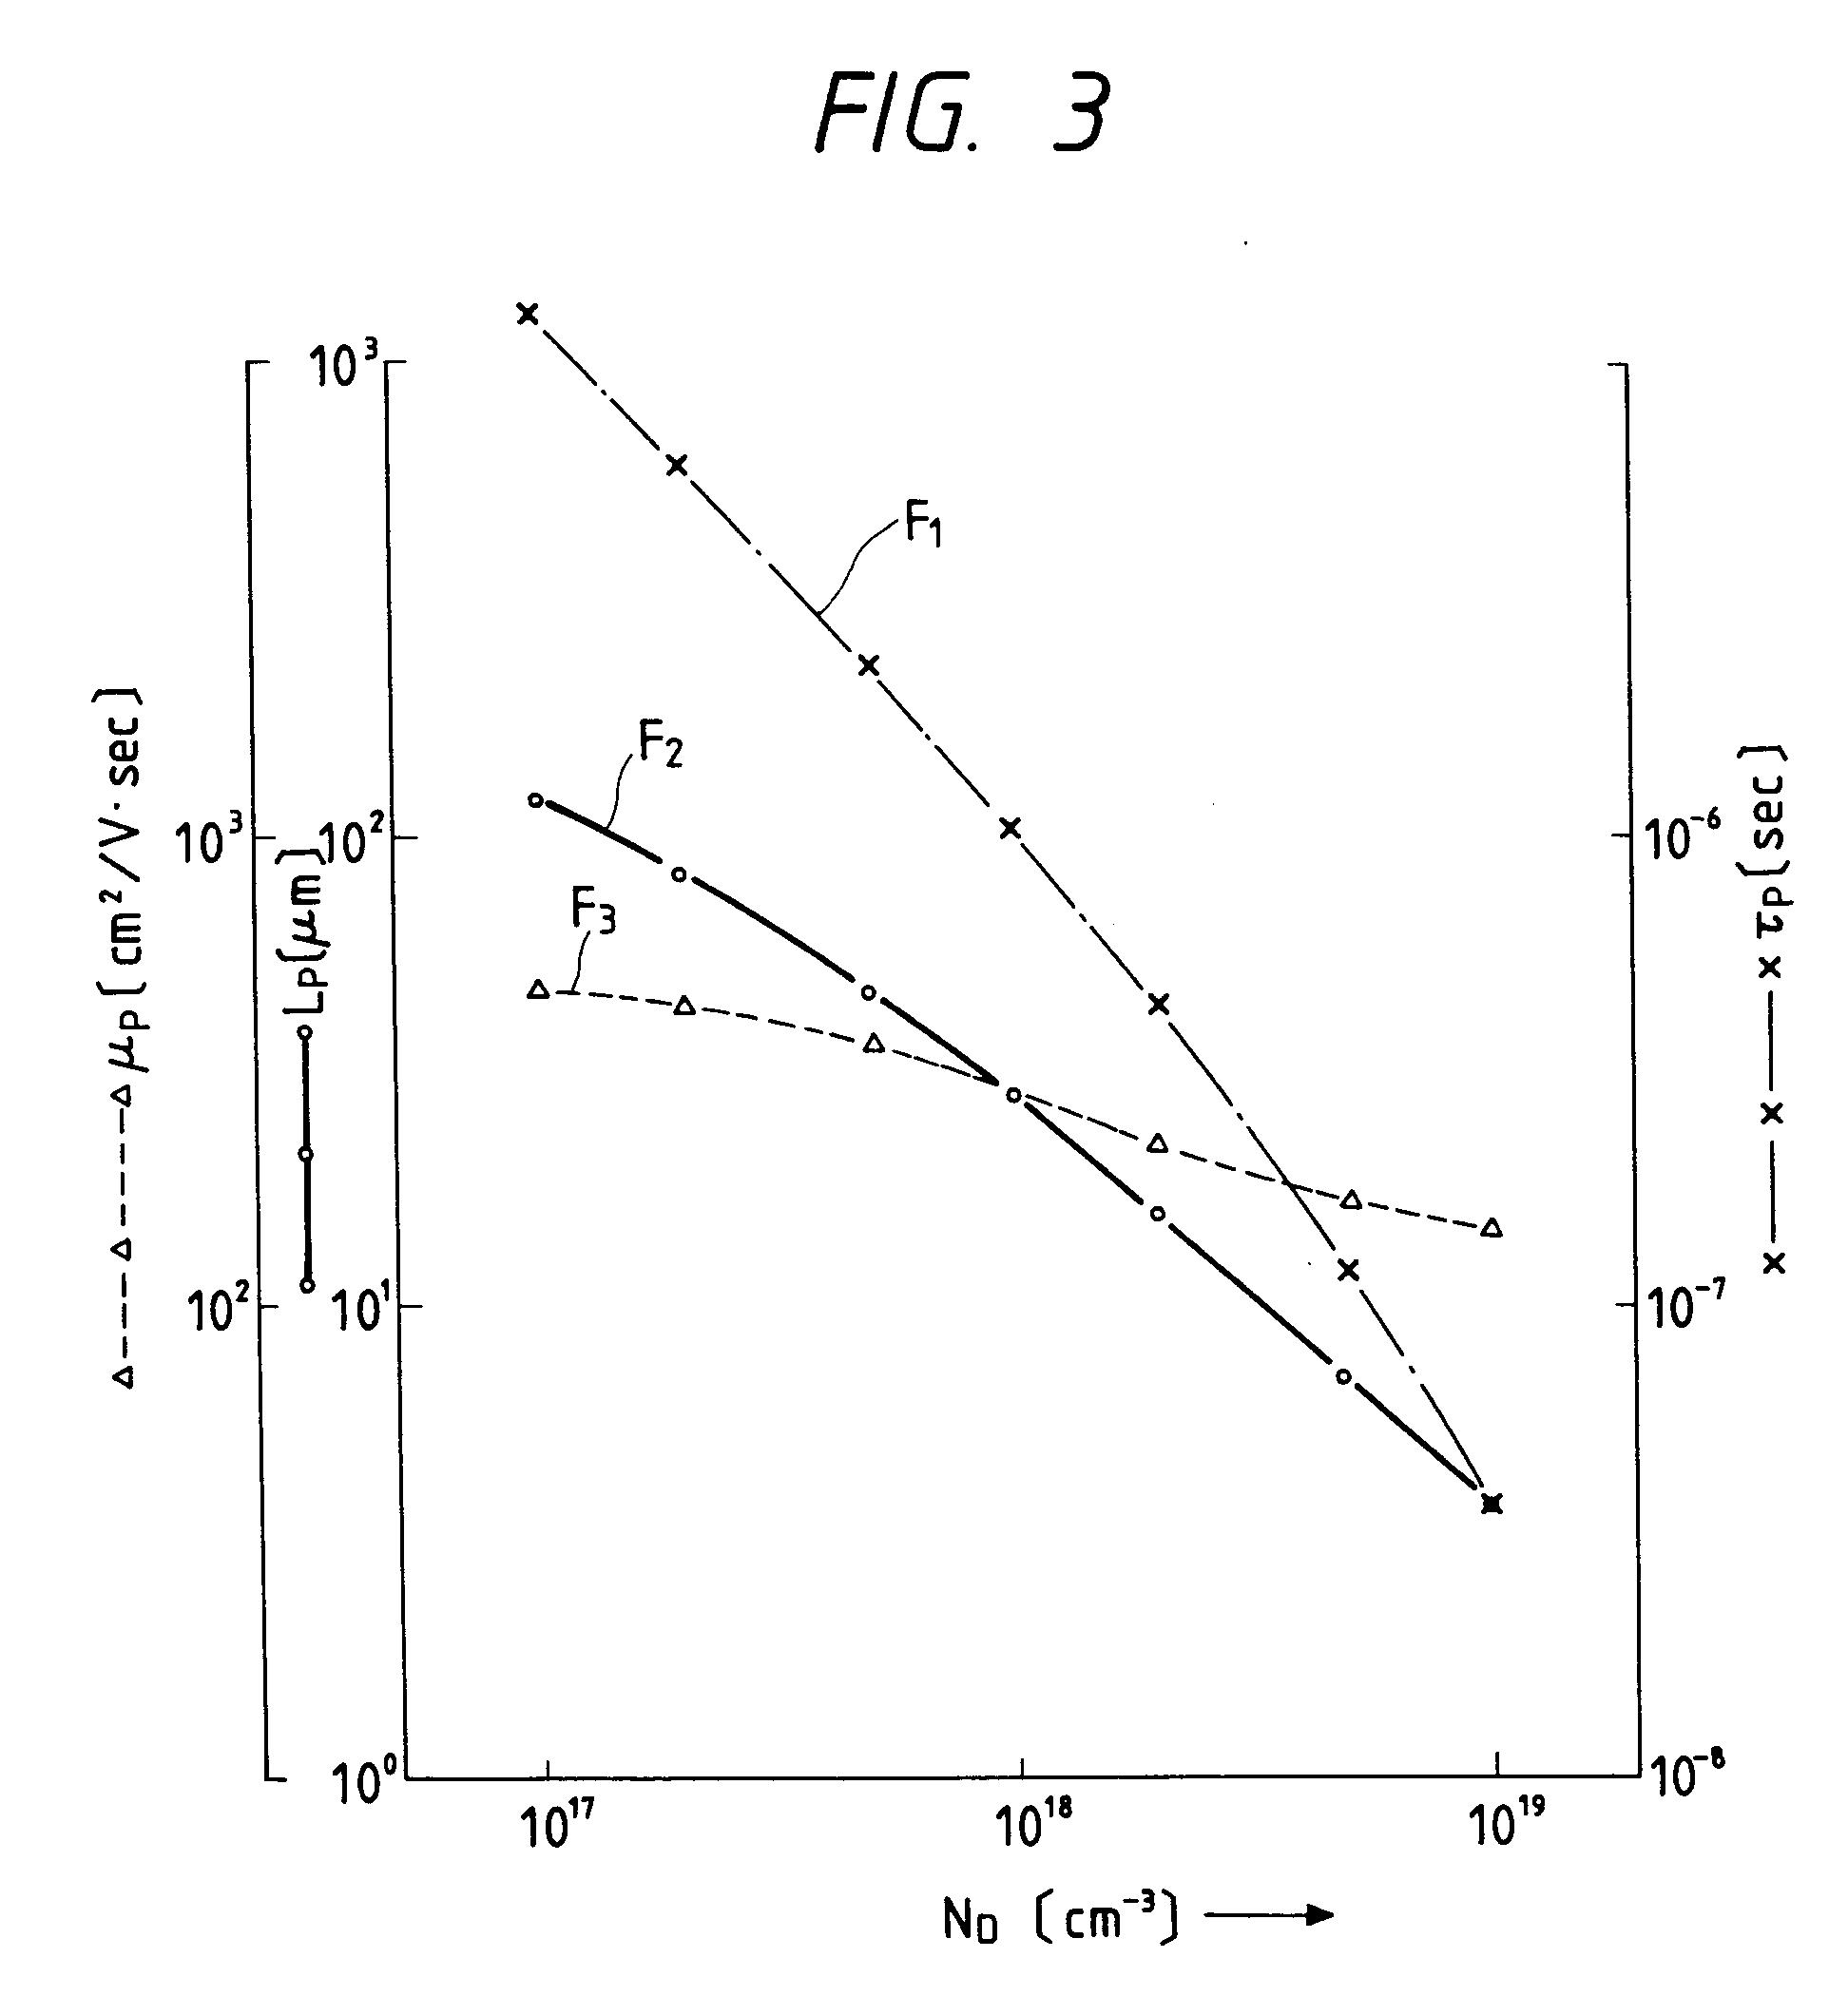 专利ep0443852b1 - lateral